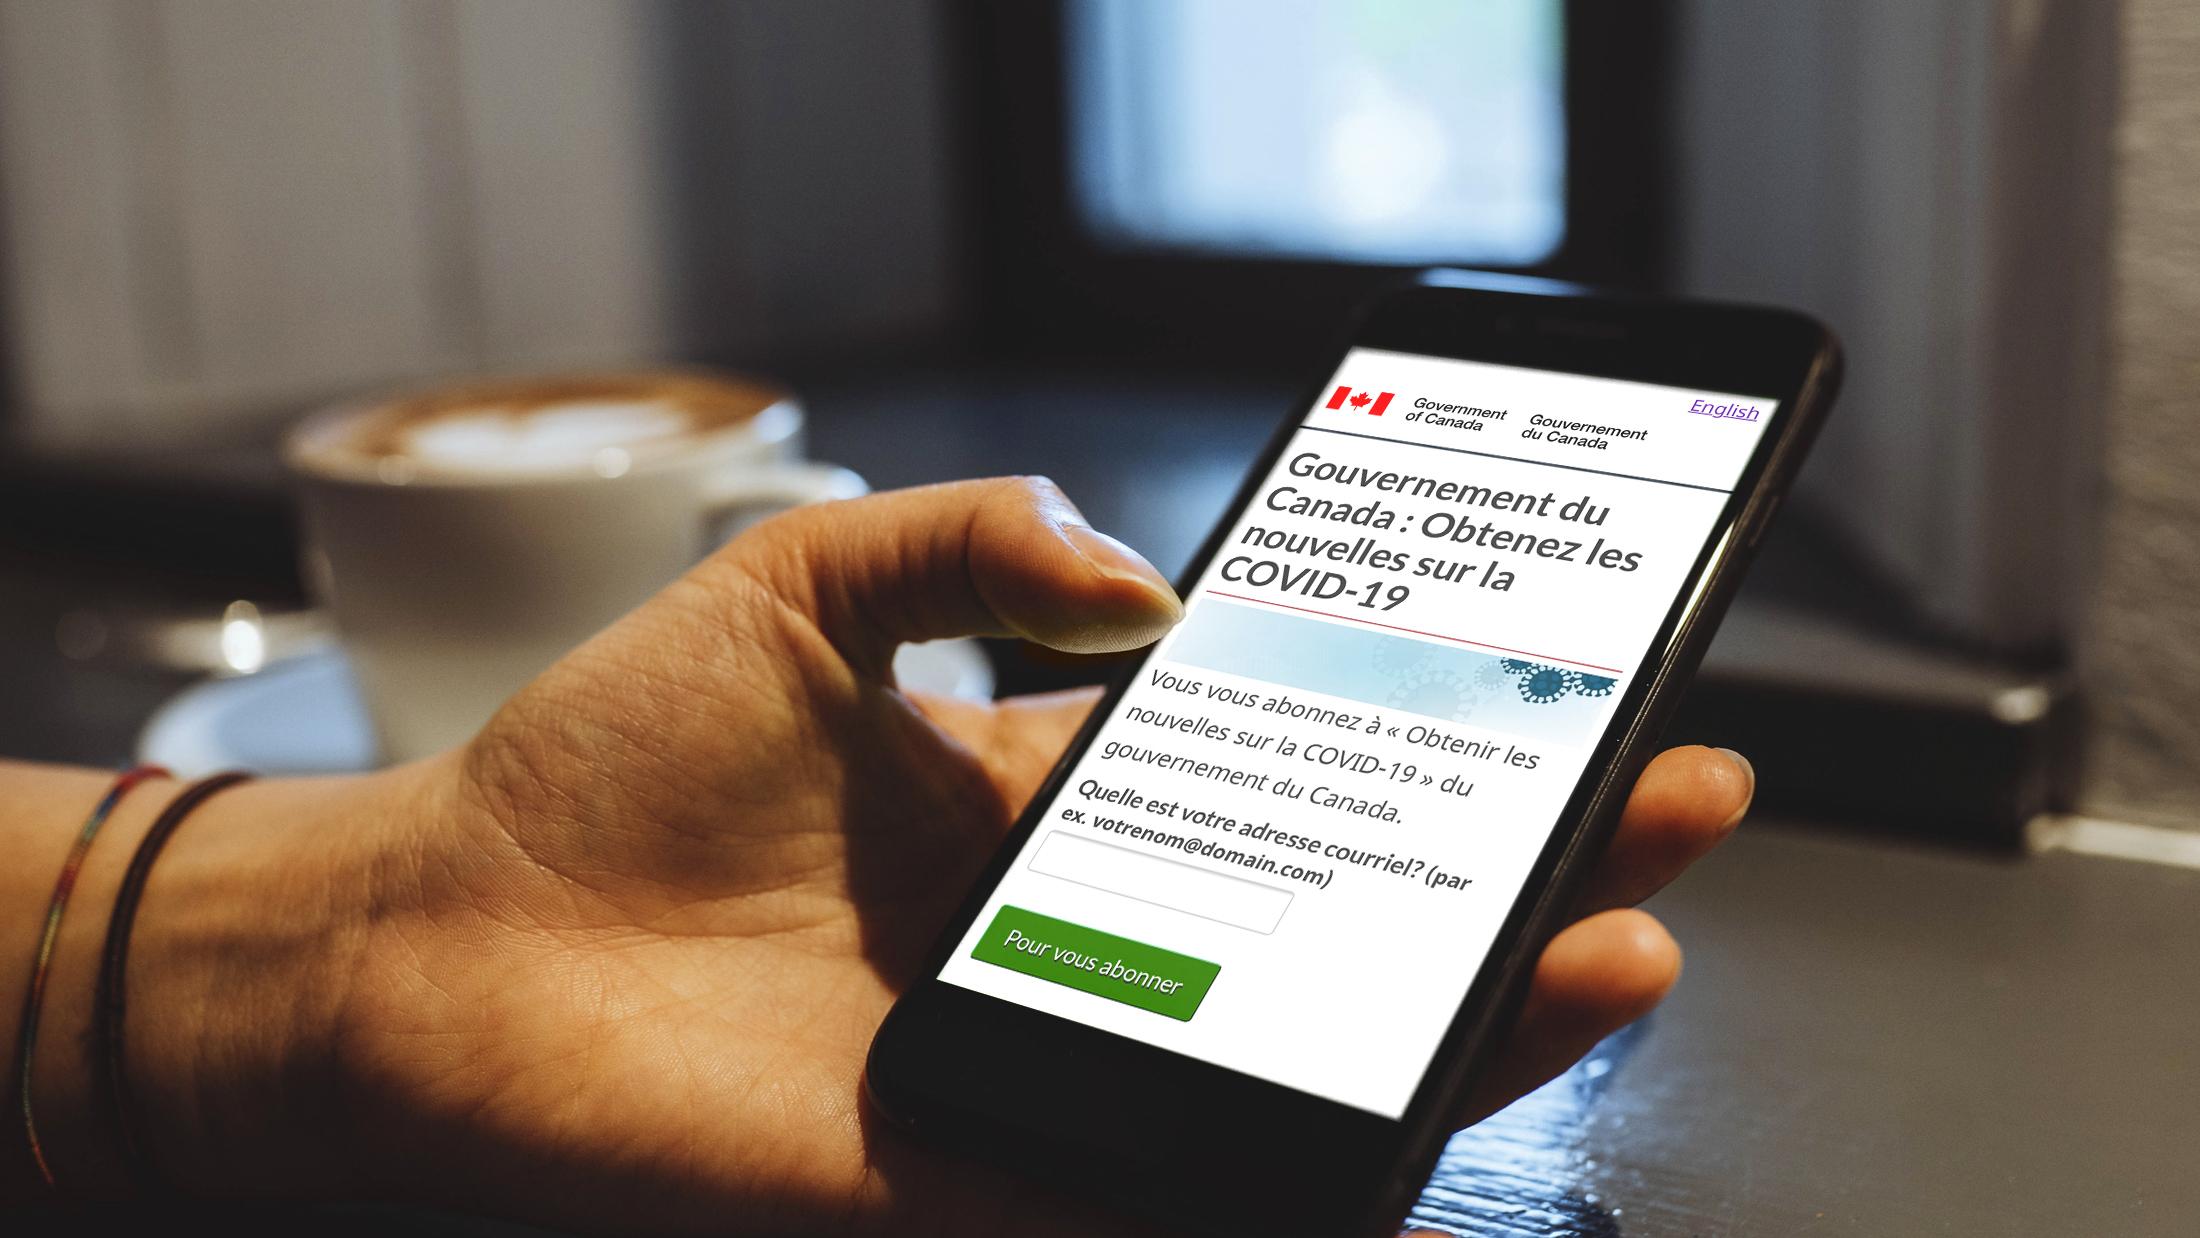 Un téléphone affichant « Gouvernement du Canada : Obtenez les nouvelles sur la COVID-19 », un service d'abonnement par courriel qui envoie aux Canadiens et Canadiennes d'importantes mises à jour sur la COVID-19.